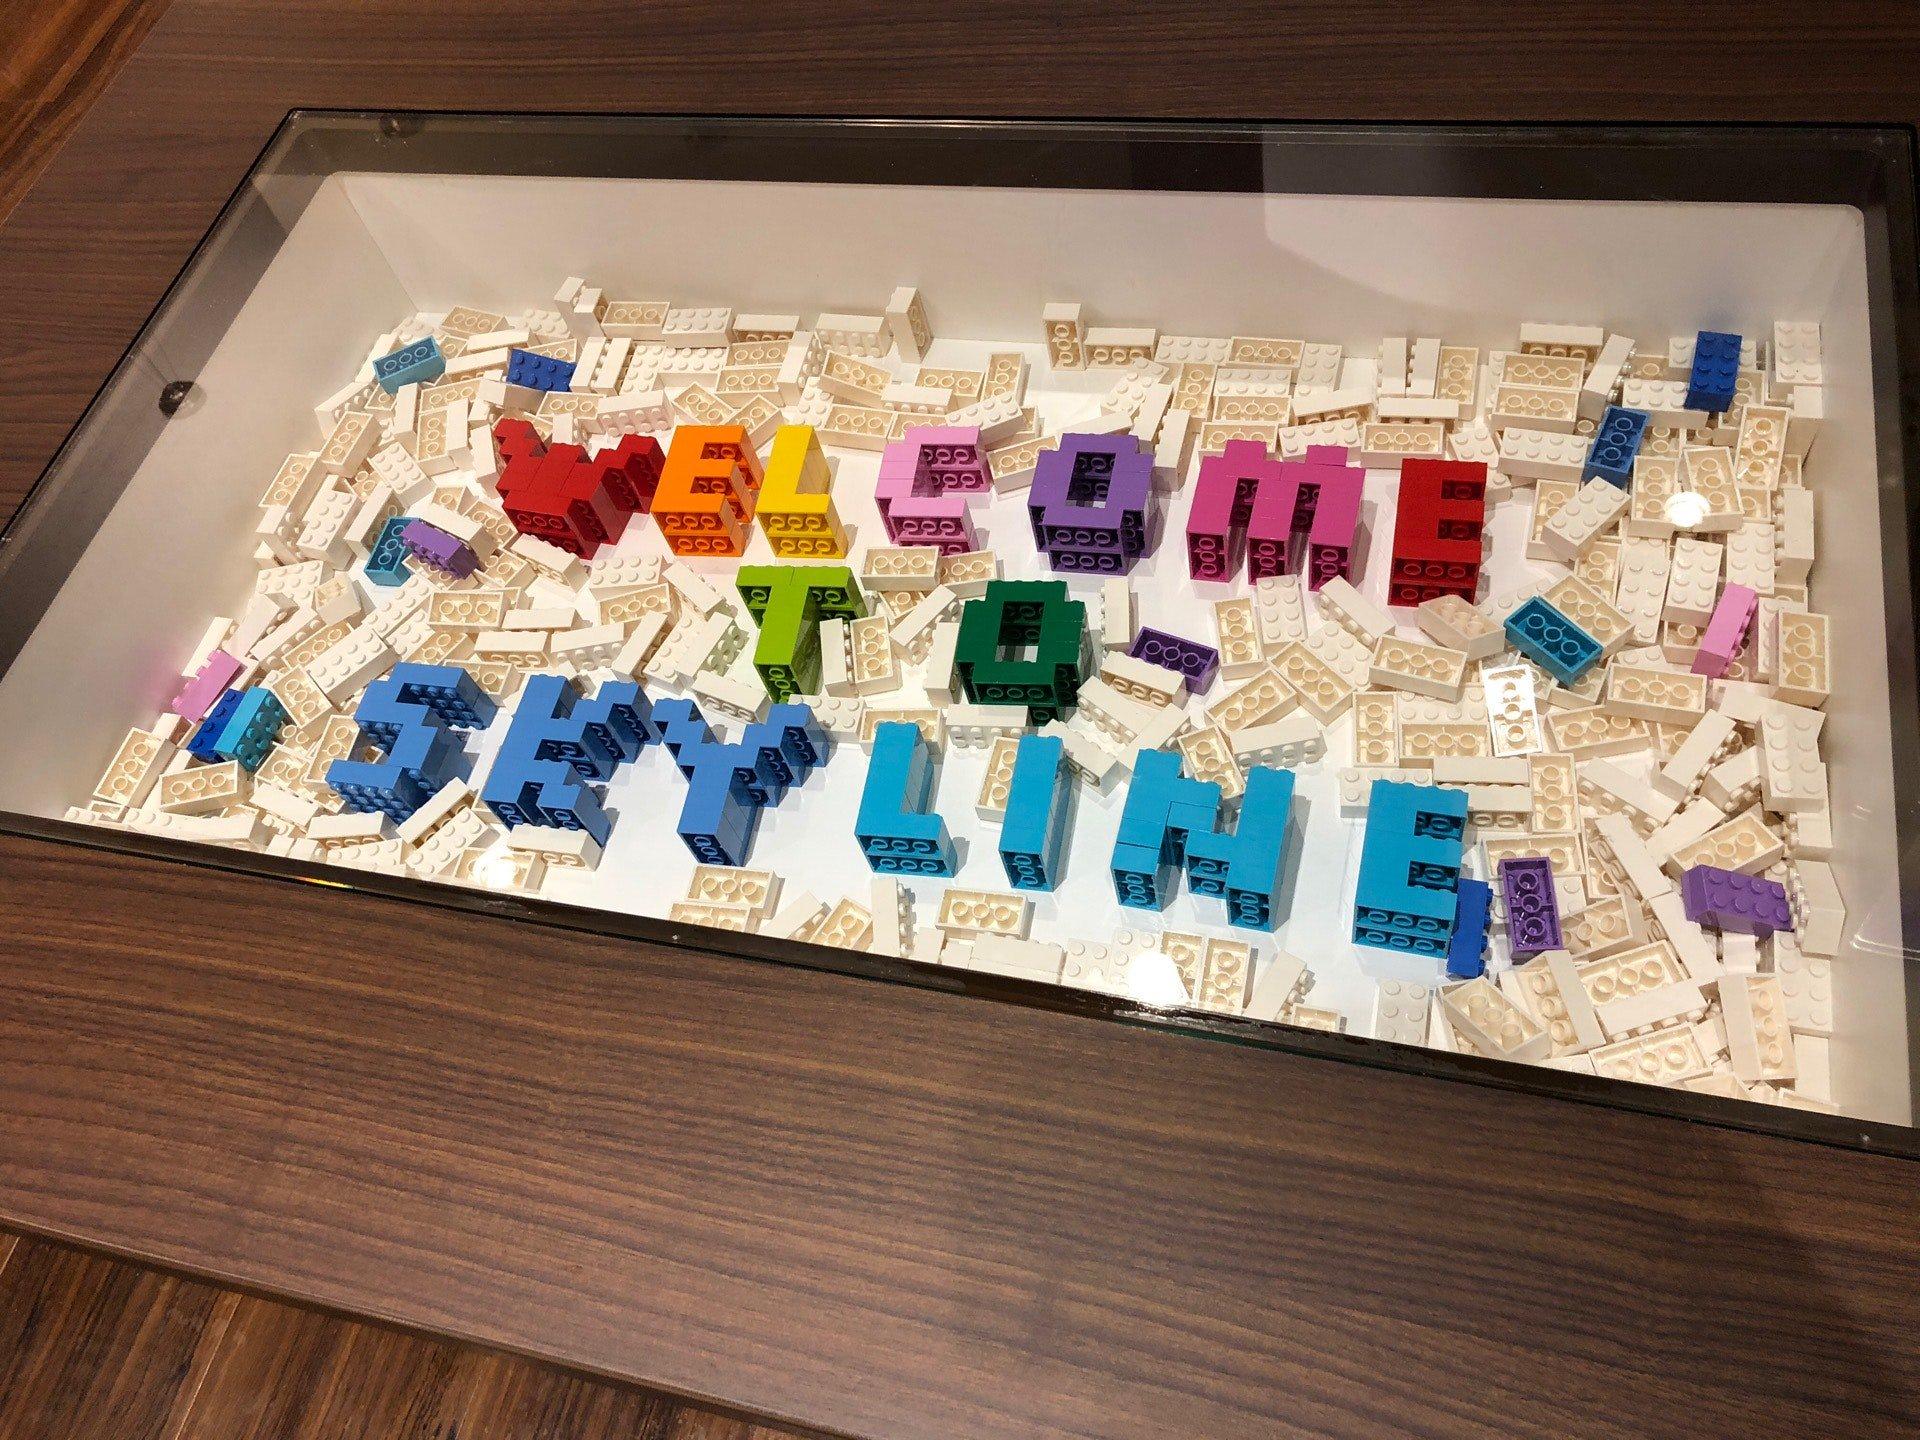 WELCOME TO SKYLINE (@ スカイライン・バー in 名古屋市港区, 愛知県) https://t.co/RNbauXPKrg https://t.co/My7lEZpGDi